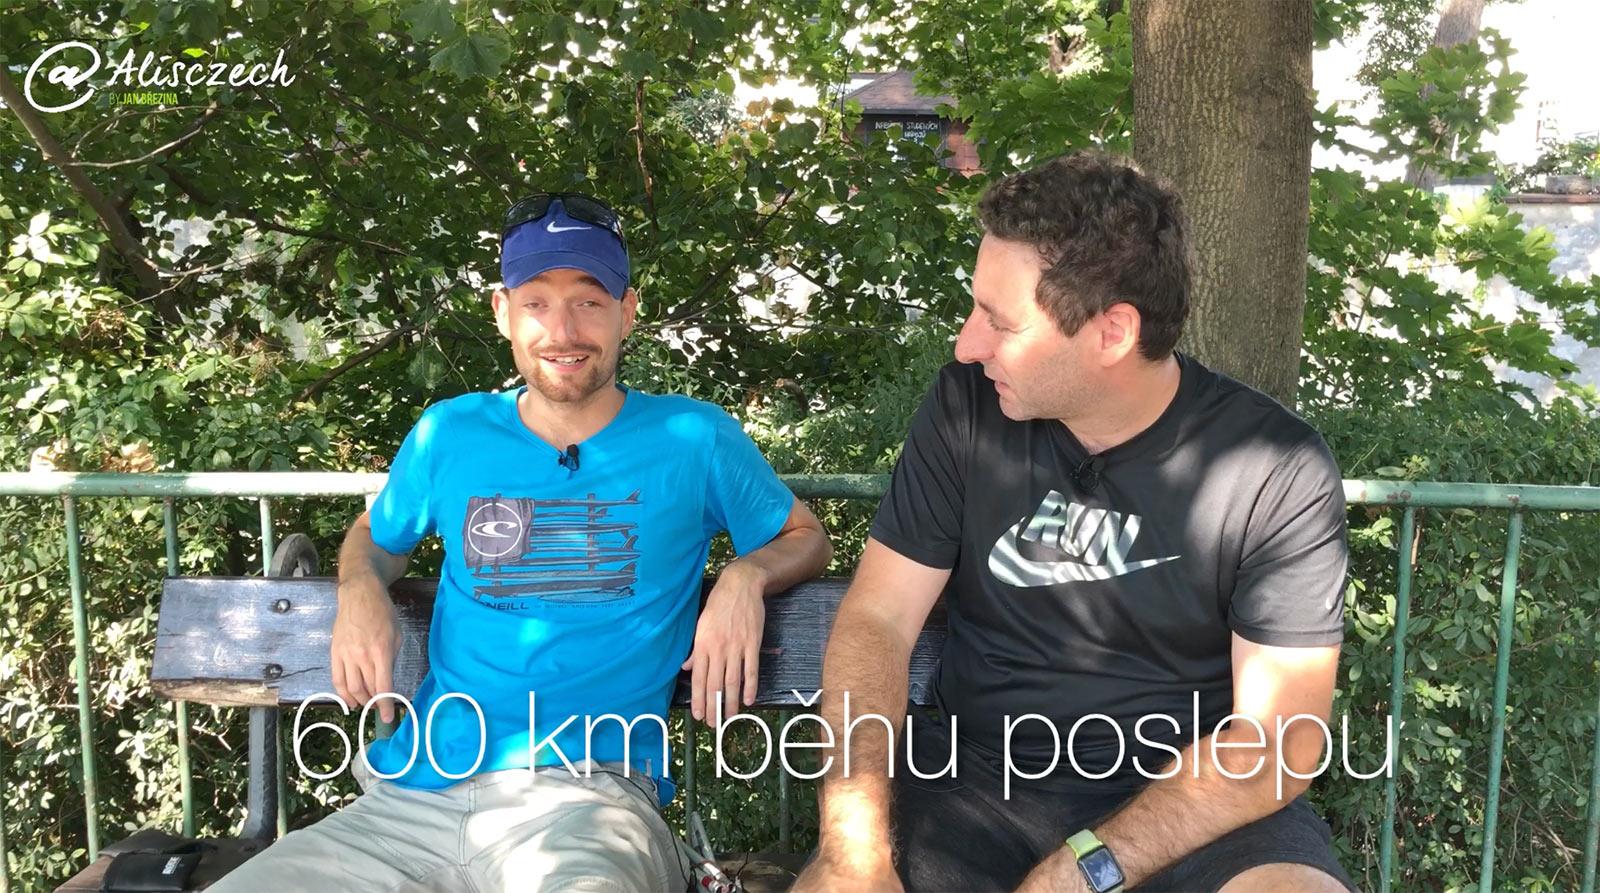 600 km poslepu